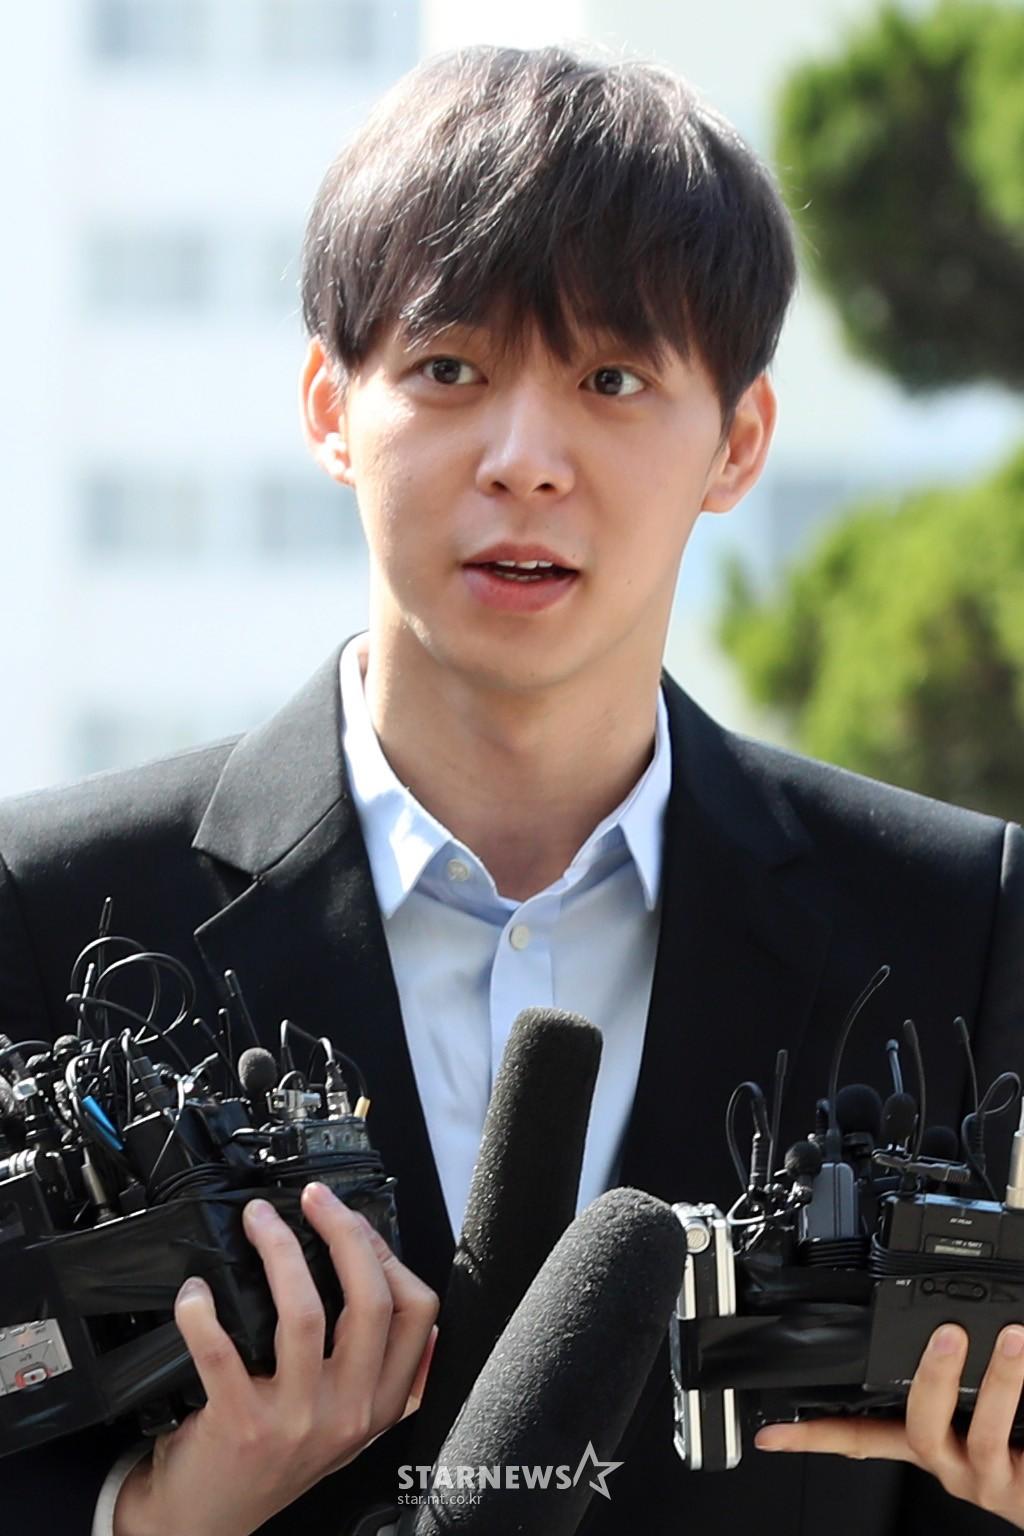 Yoochun chính thức trình diện cảnh sát trước cáo buộc sử dụng ma túy: Gây sốc vì quá tươi tỉnh, liên tục cười mỉm